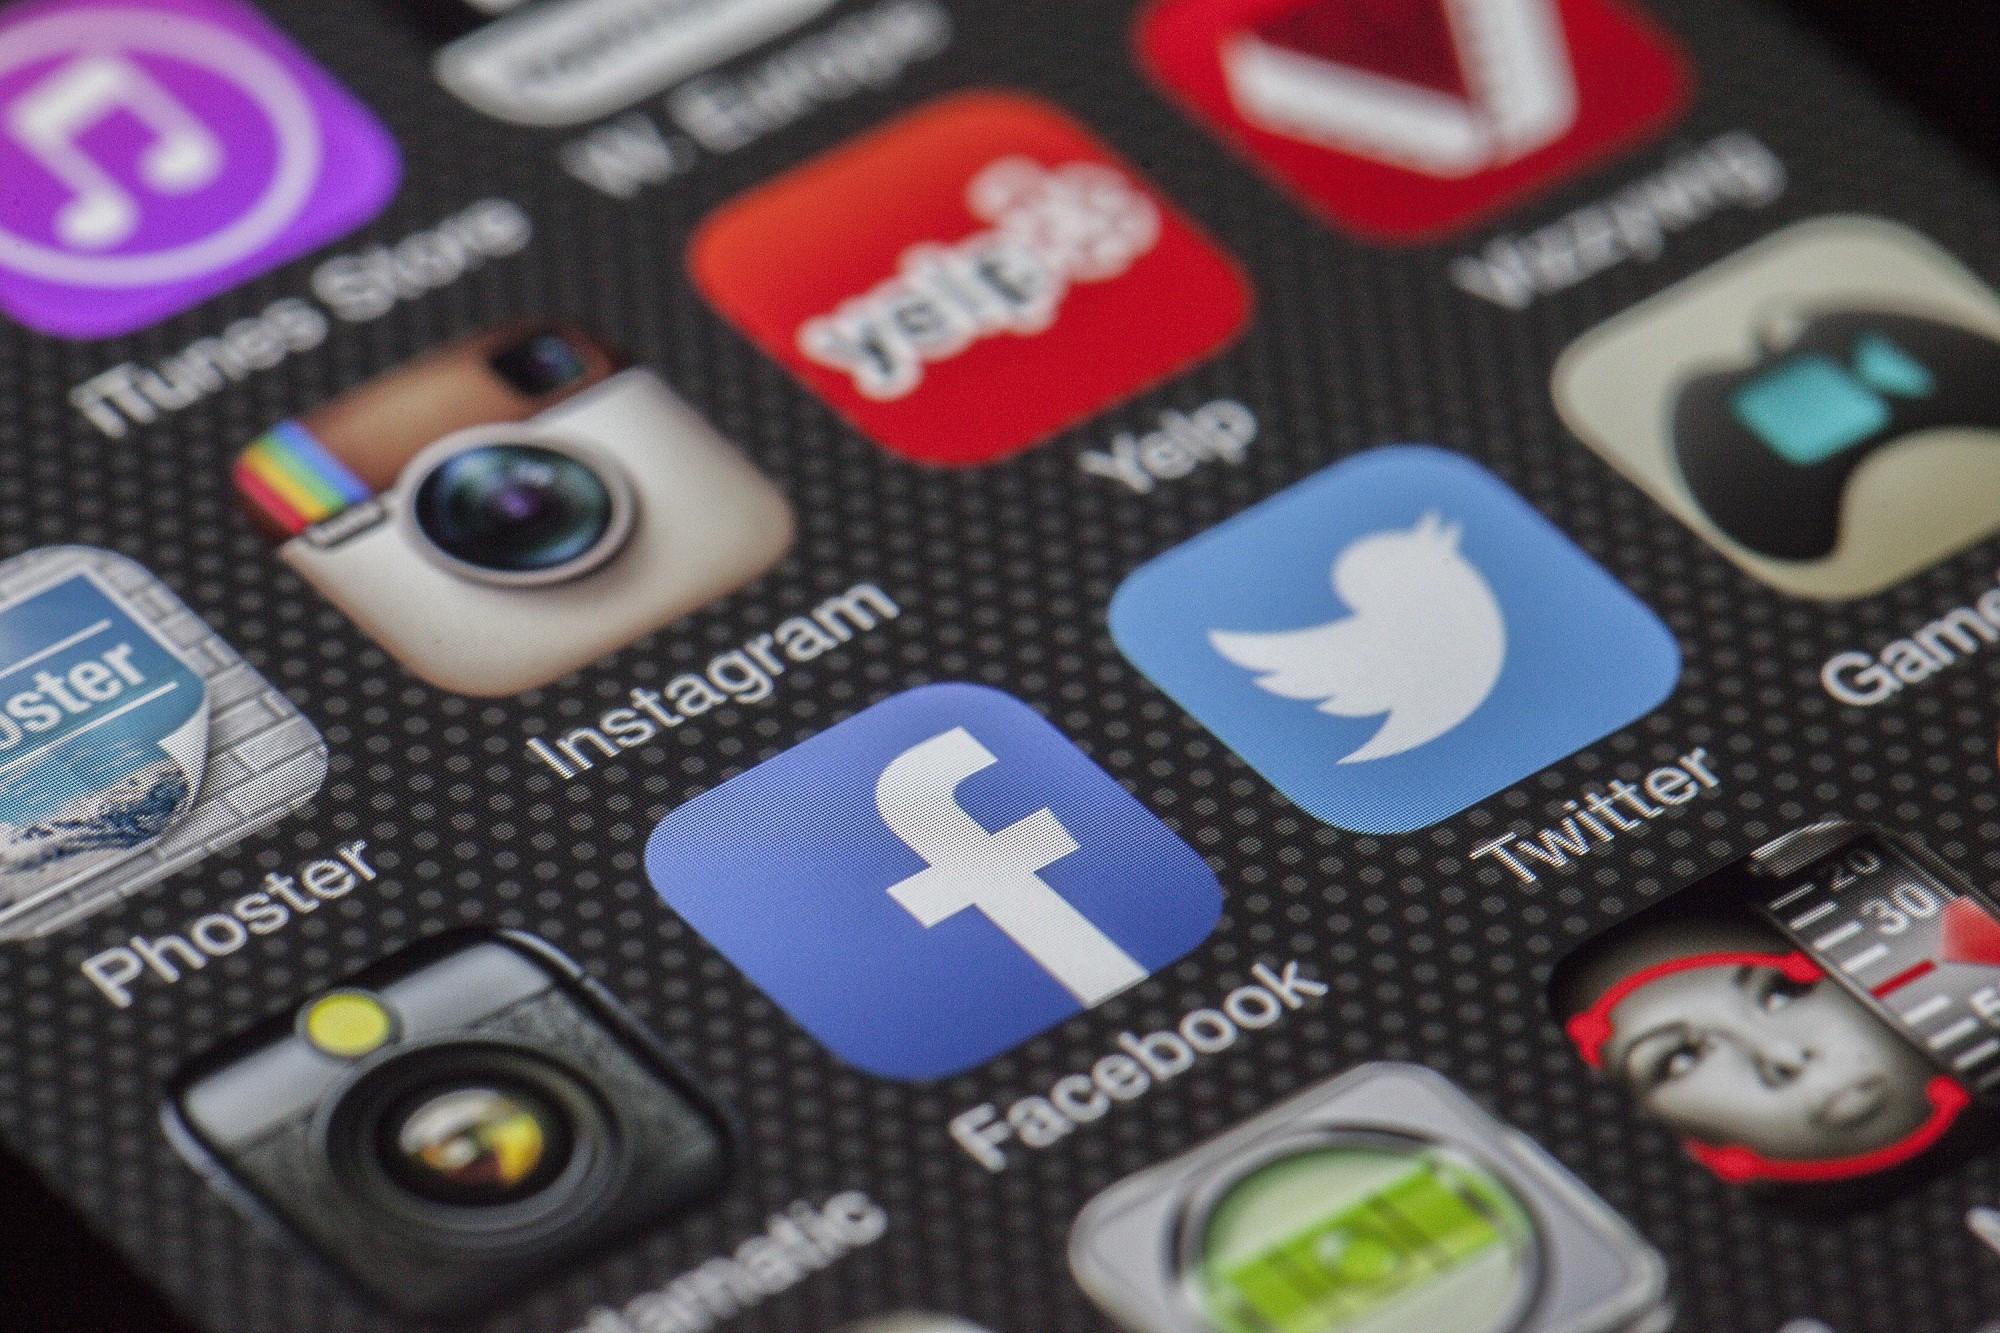 Diventa un professionista dei social media concentrandoti su queste 5 piattaforme business-friendly